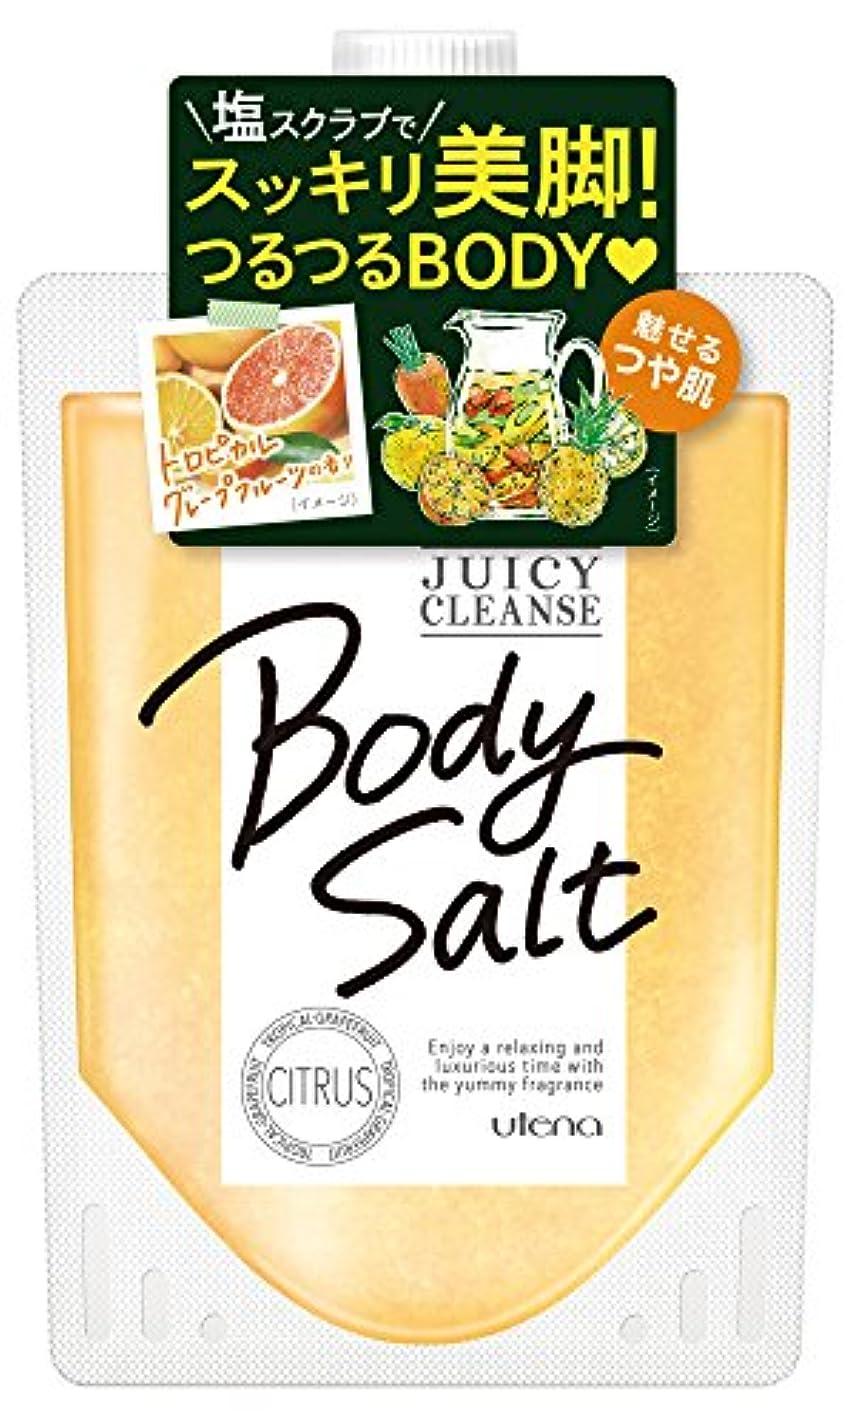 食物書店バトルJUICY CLEANSE(ジューシィクレンズ) ボディソルト シトラス 300g